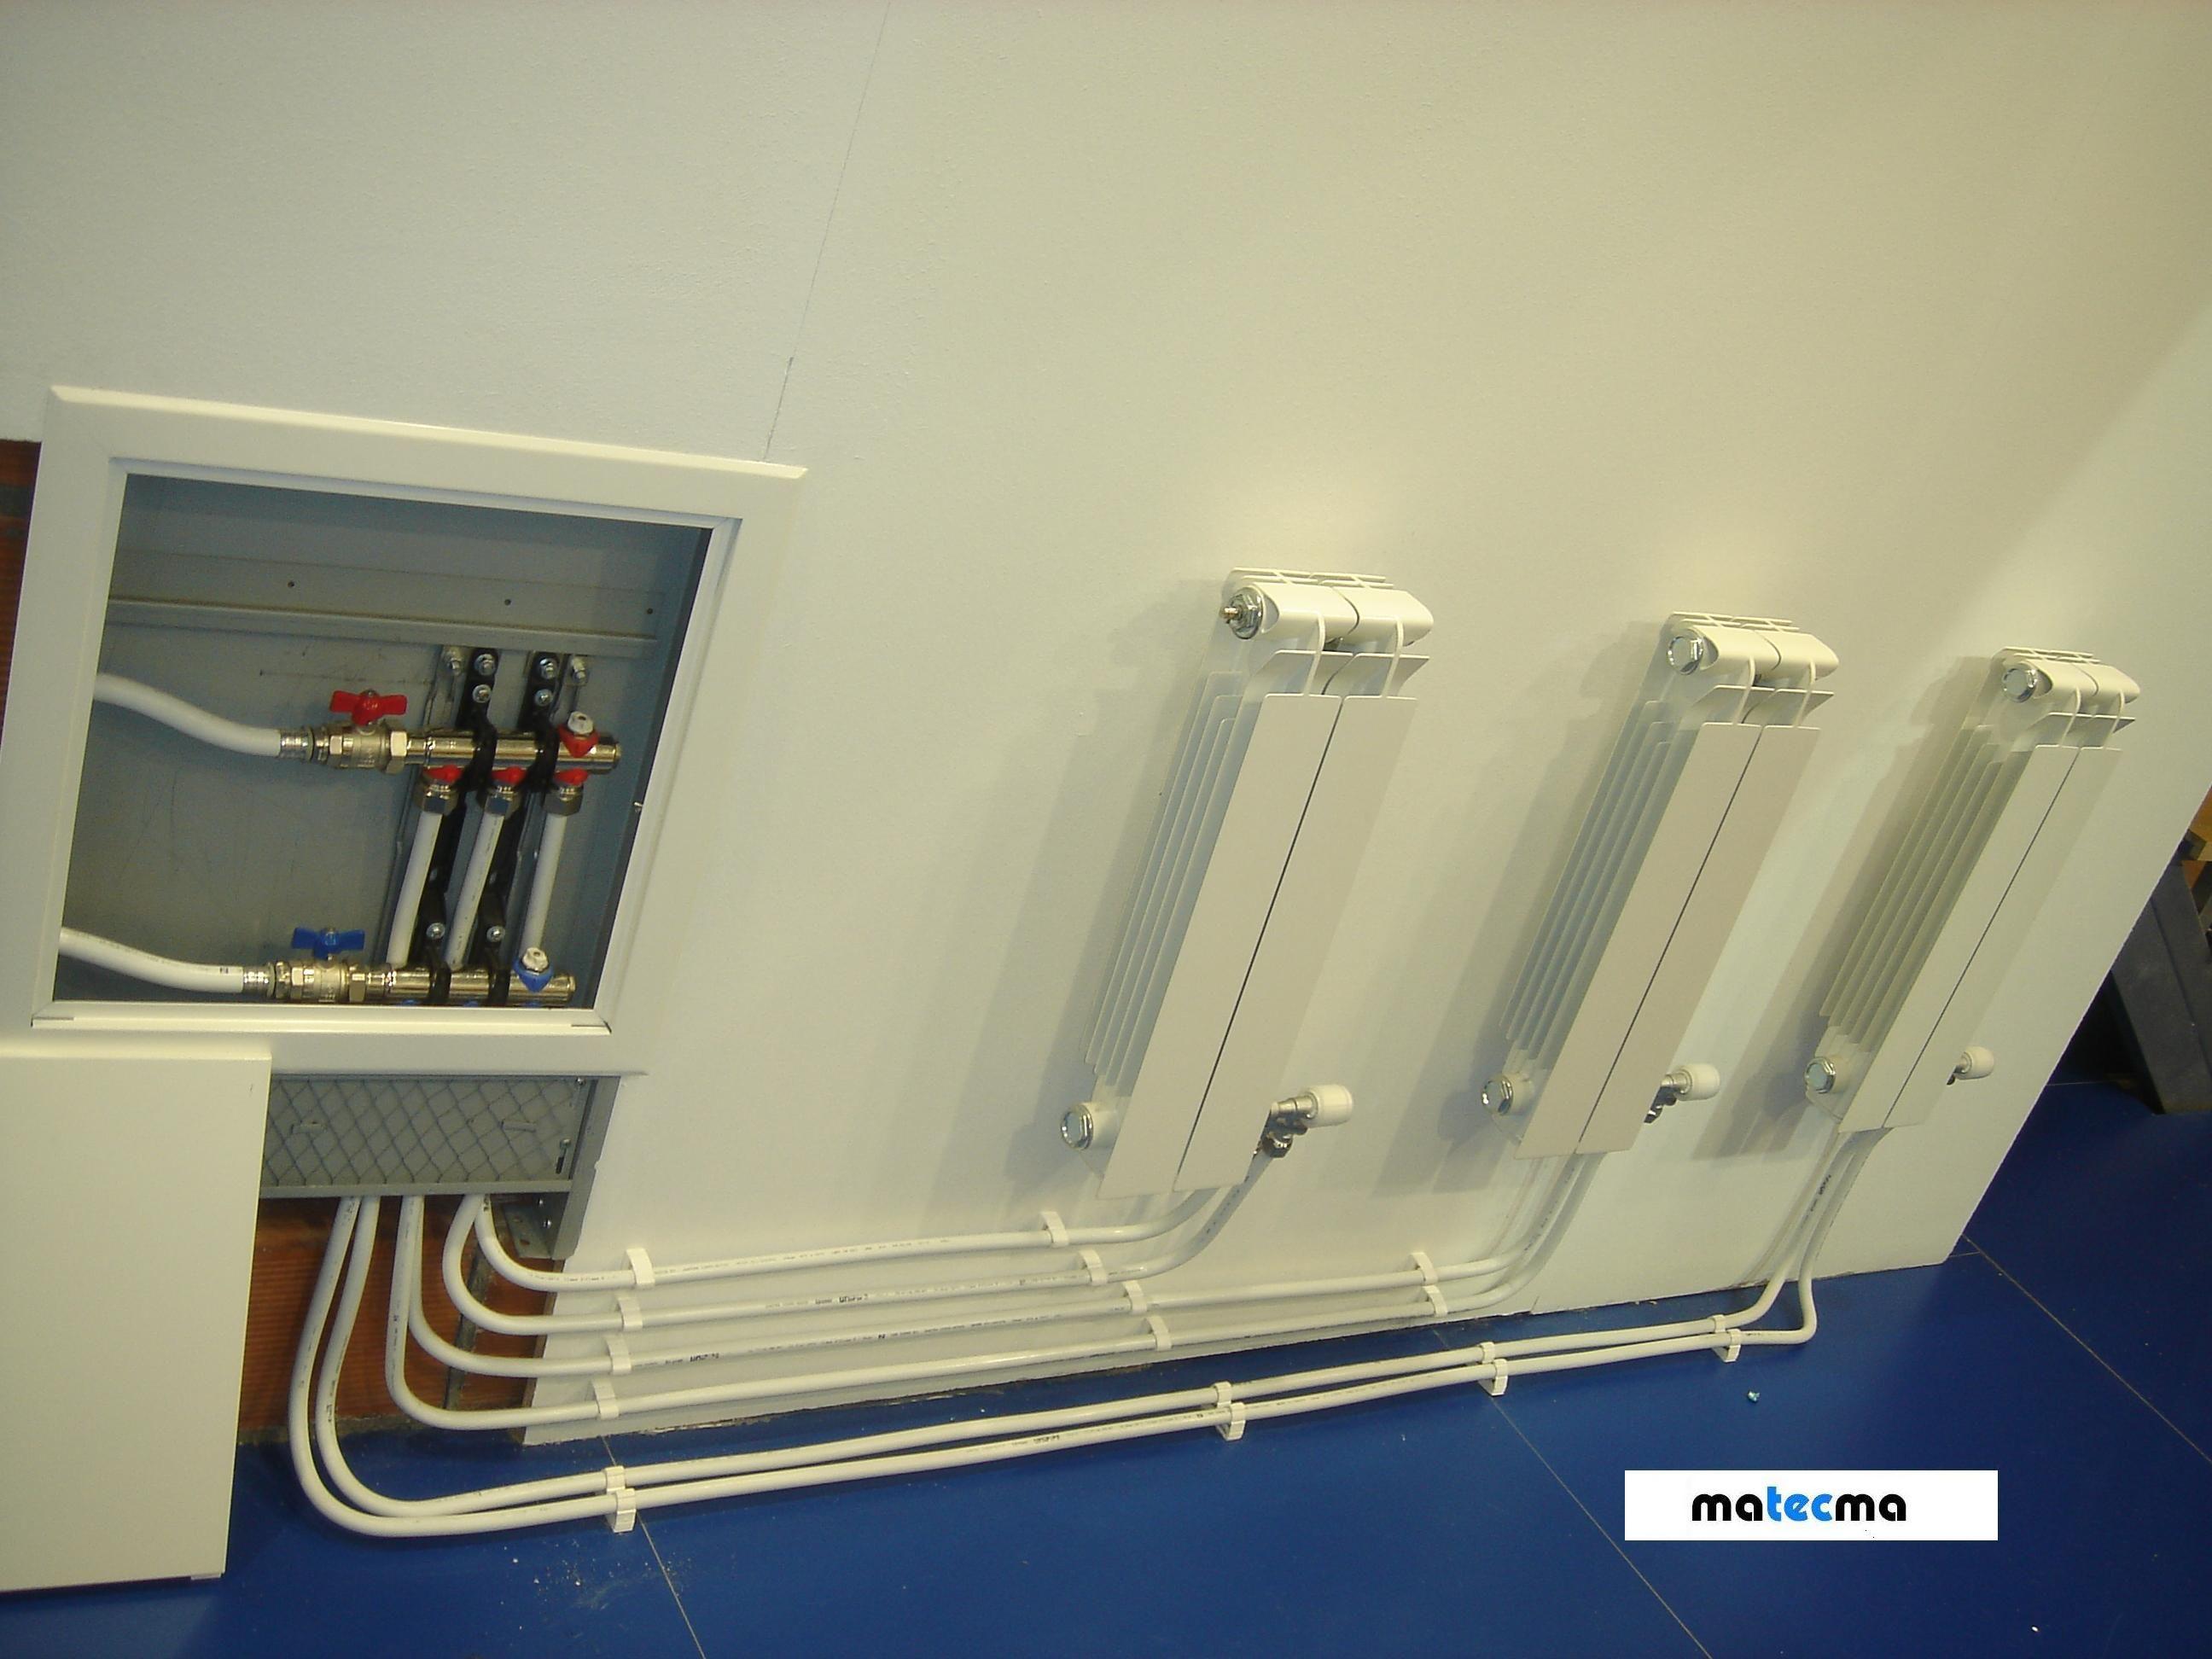 Ejemplo De Una Instalacion De Radiadores Con Colector Empotrado En Pared Instalacion Radiadores Servicio Tecnico